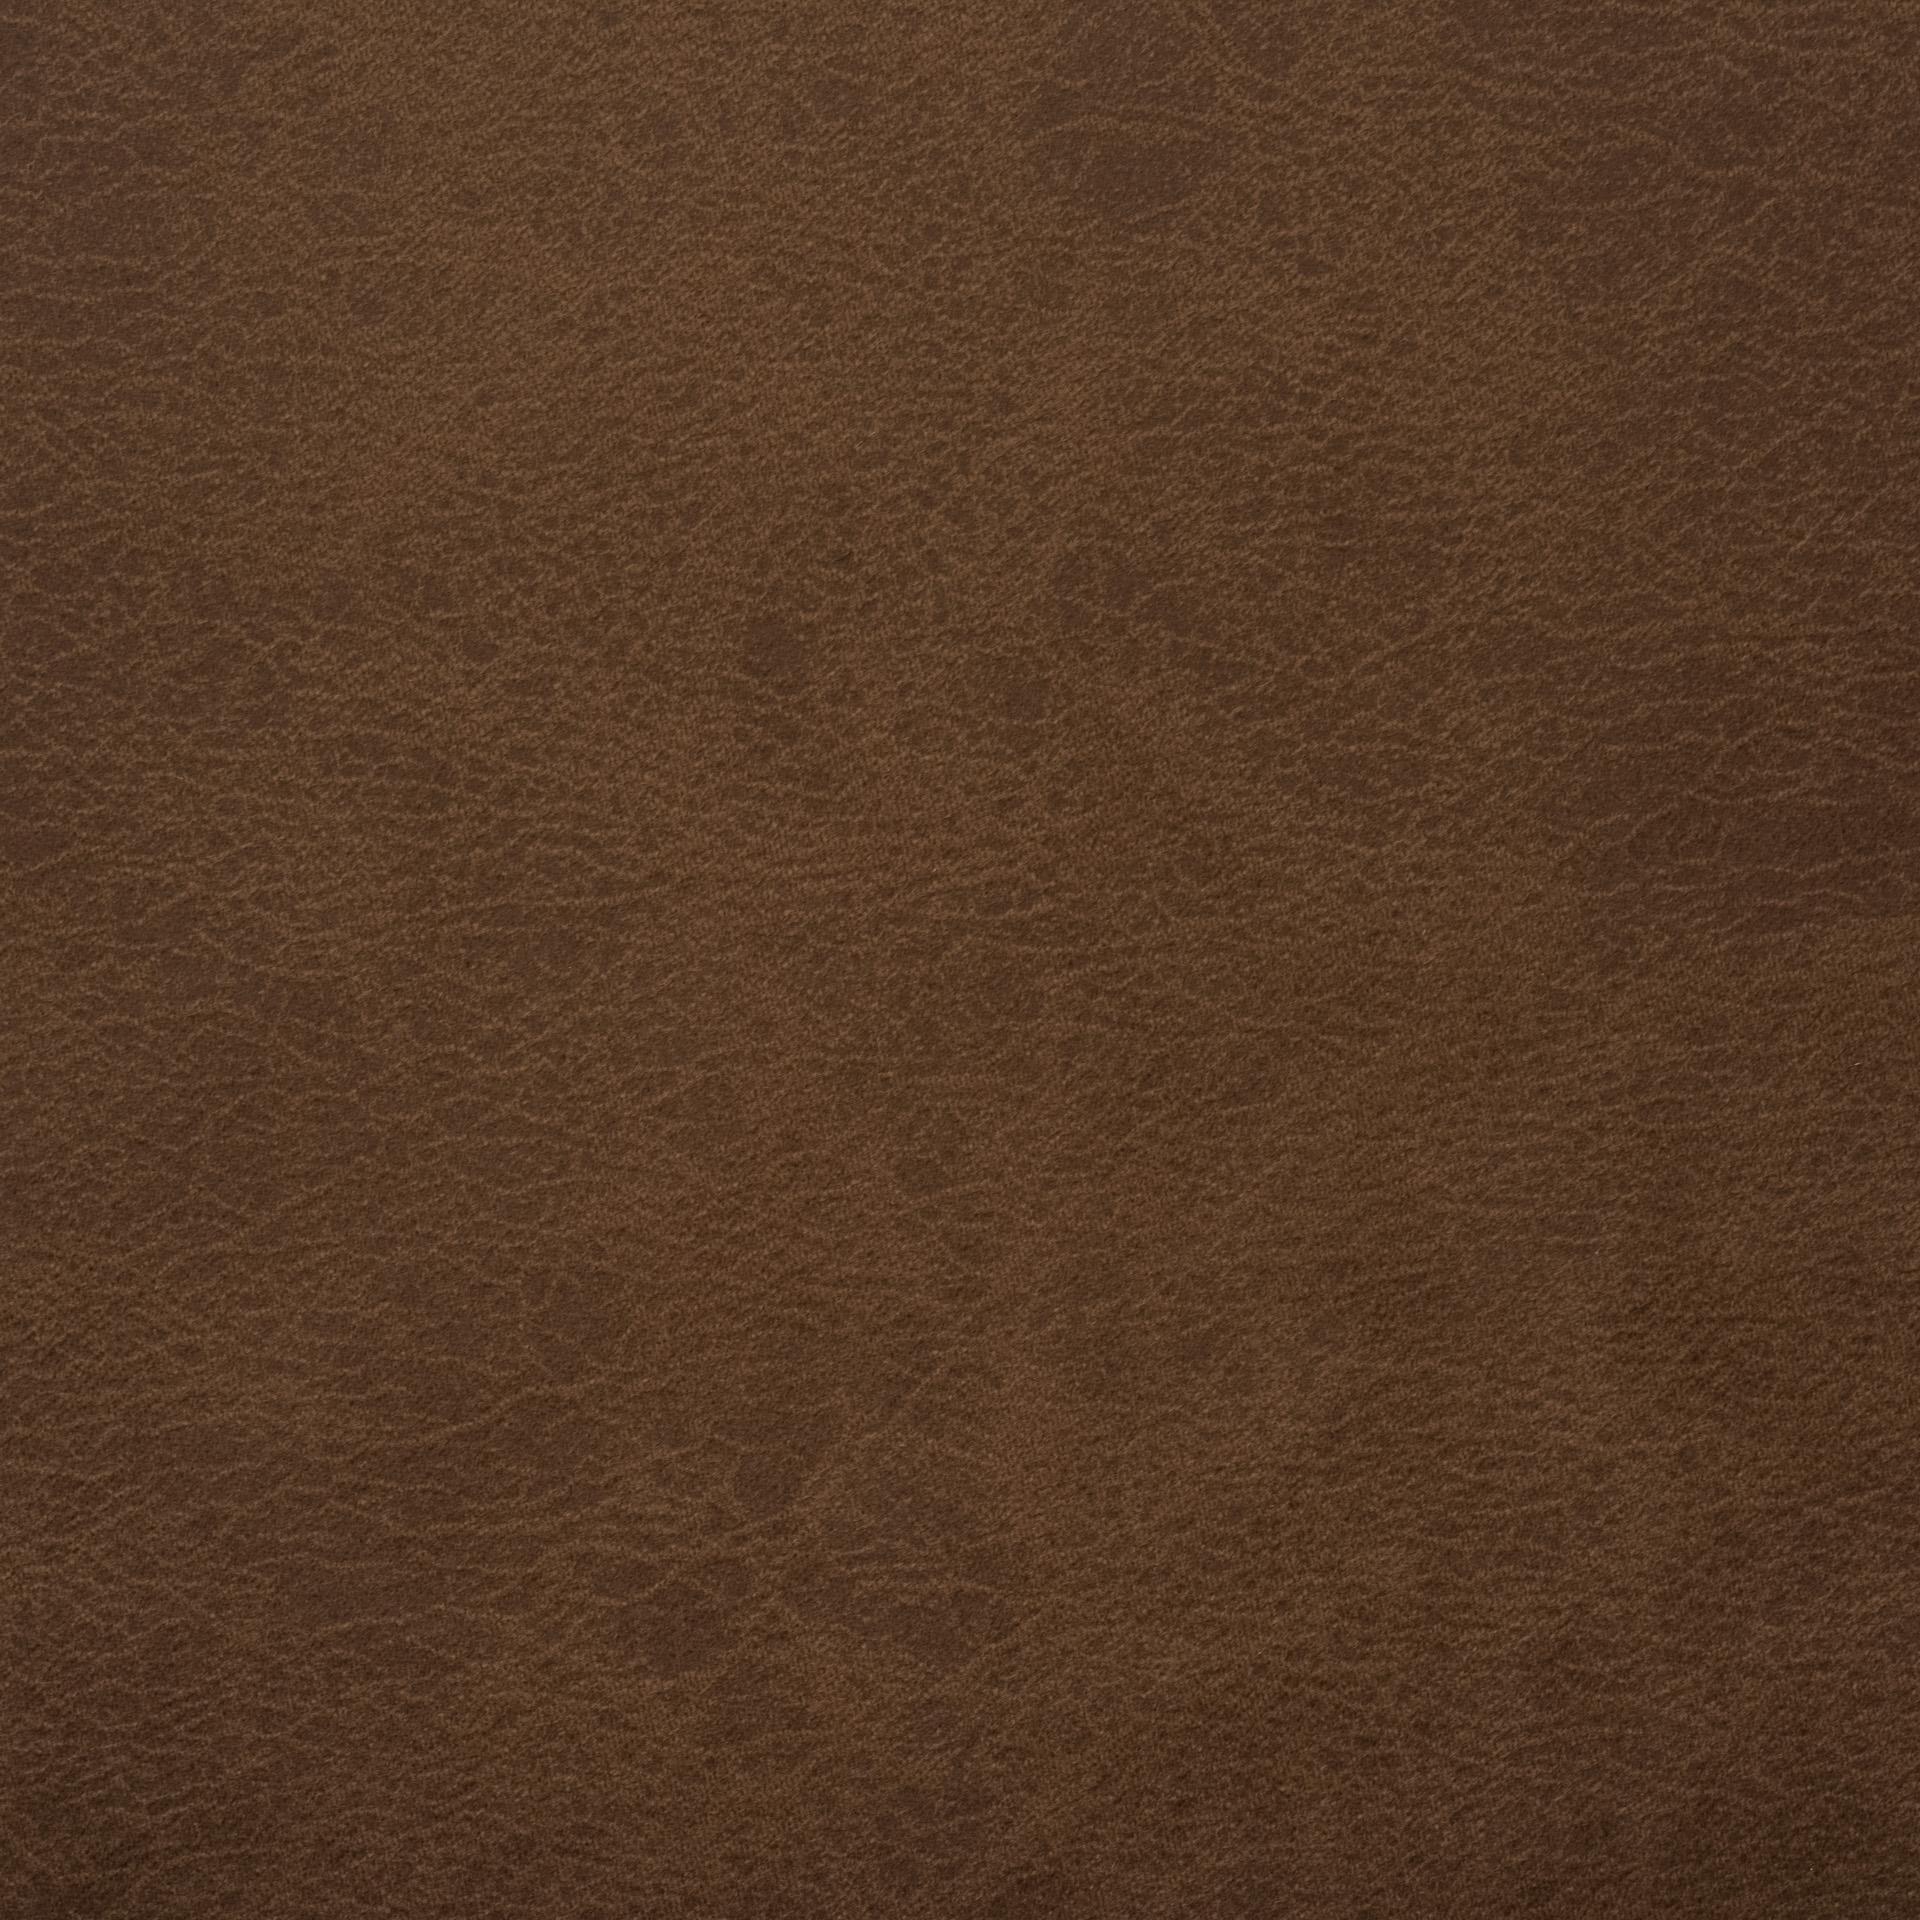 Коллекция ткани Лора 8,  купить ткань Велюр для мебели Украина